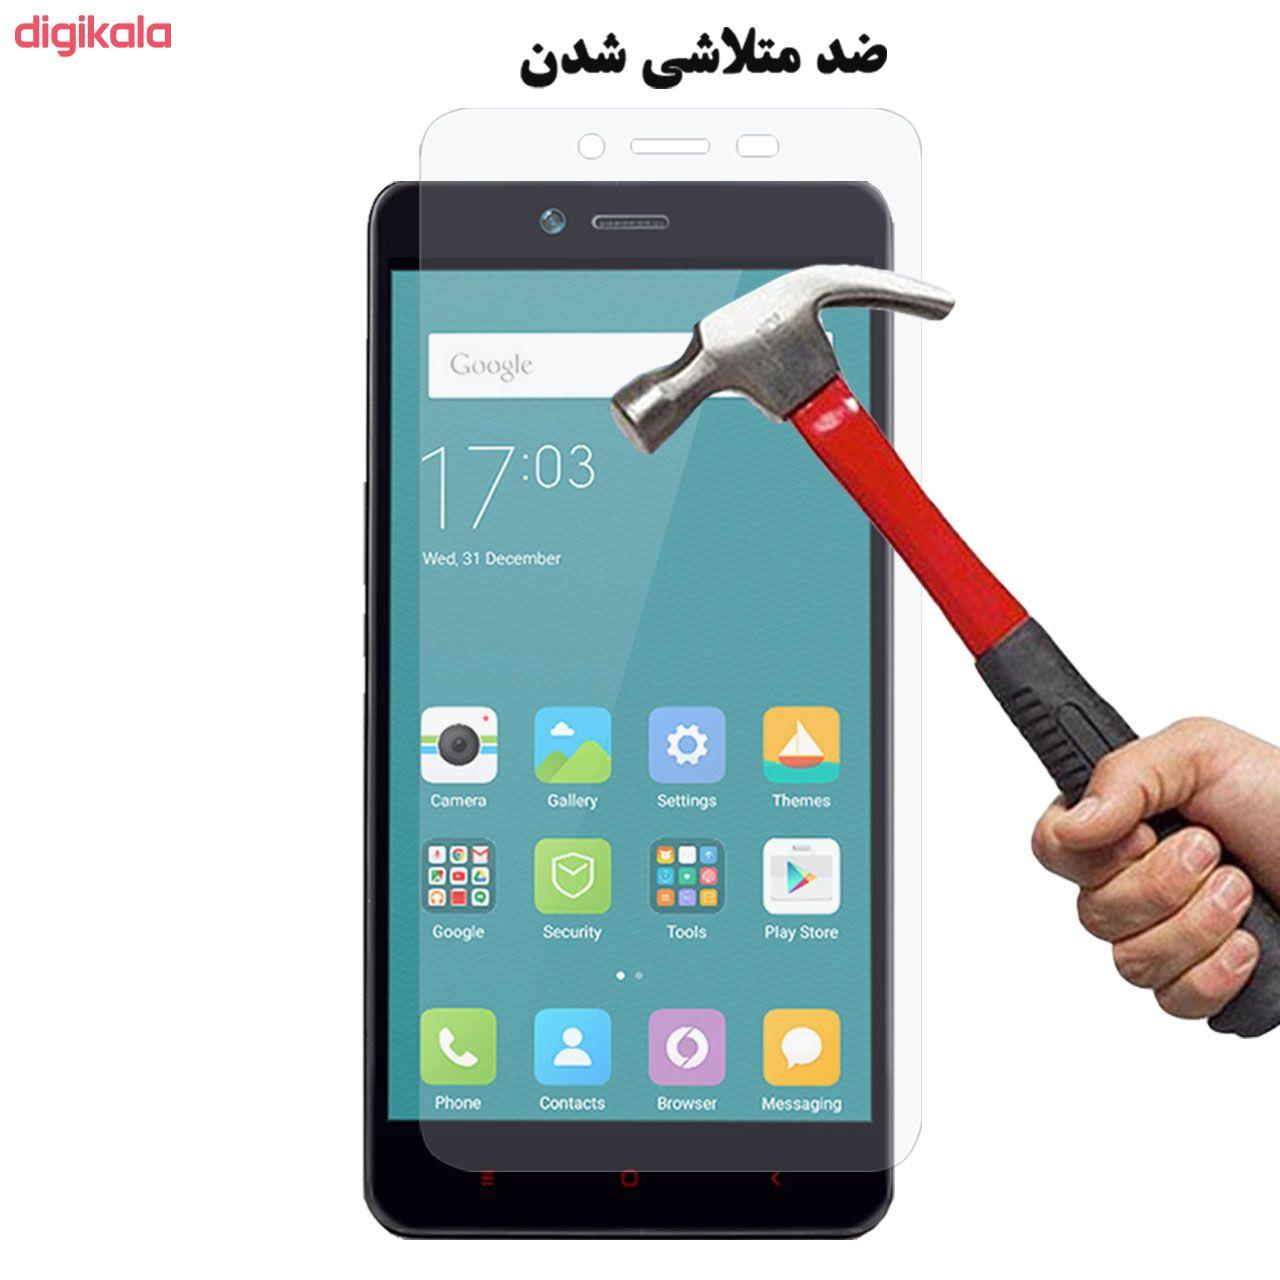 محافظ صفحه نمایش تراستکتور مدل GLS مناسب برای گوشی موبایل شیائومی Redmi Note 2 / Redmi Note 2 Prime بسته 3 عددی main 1 5